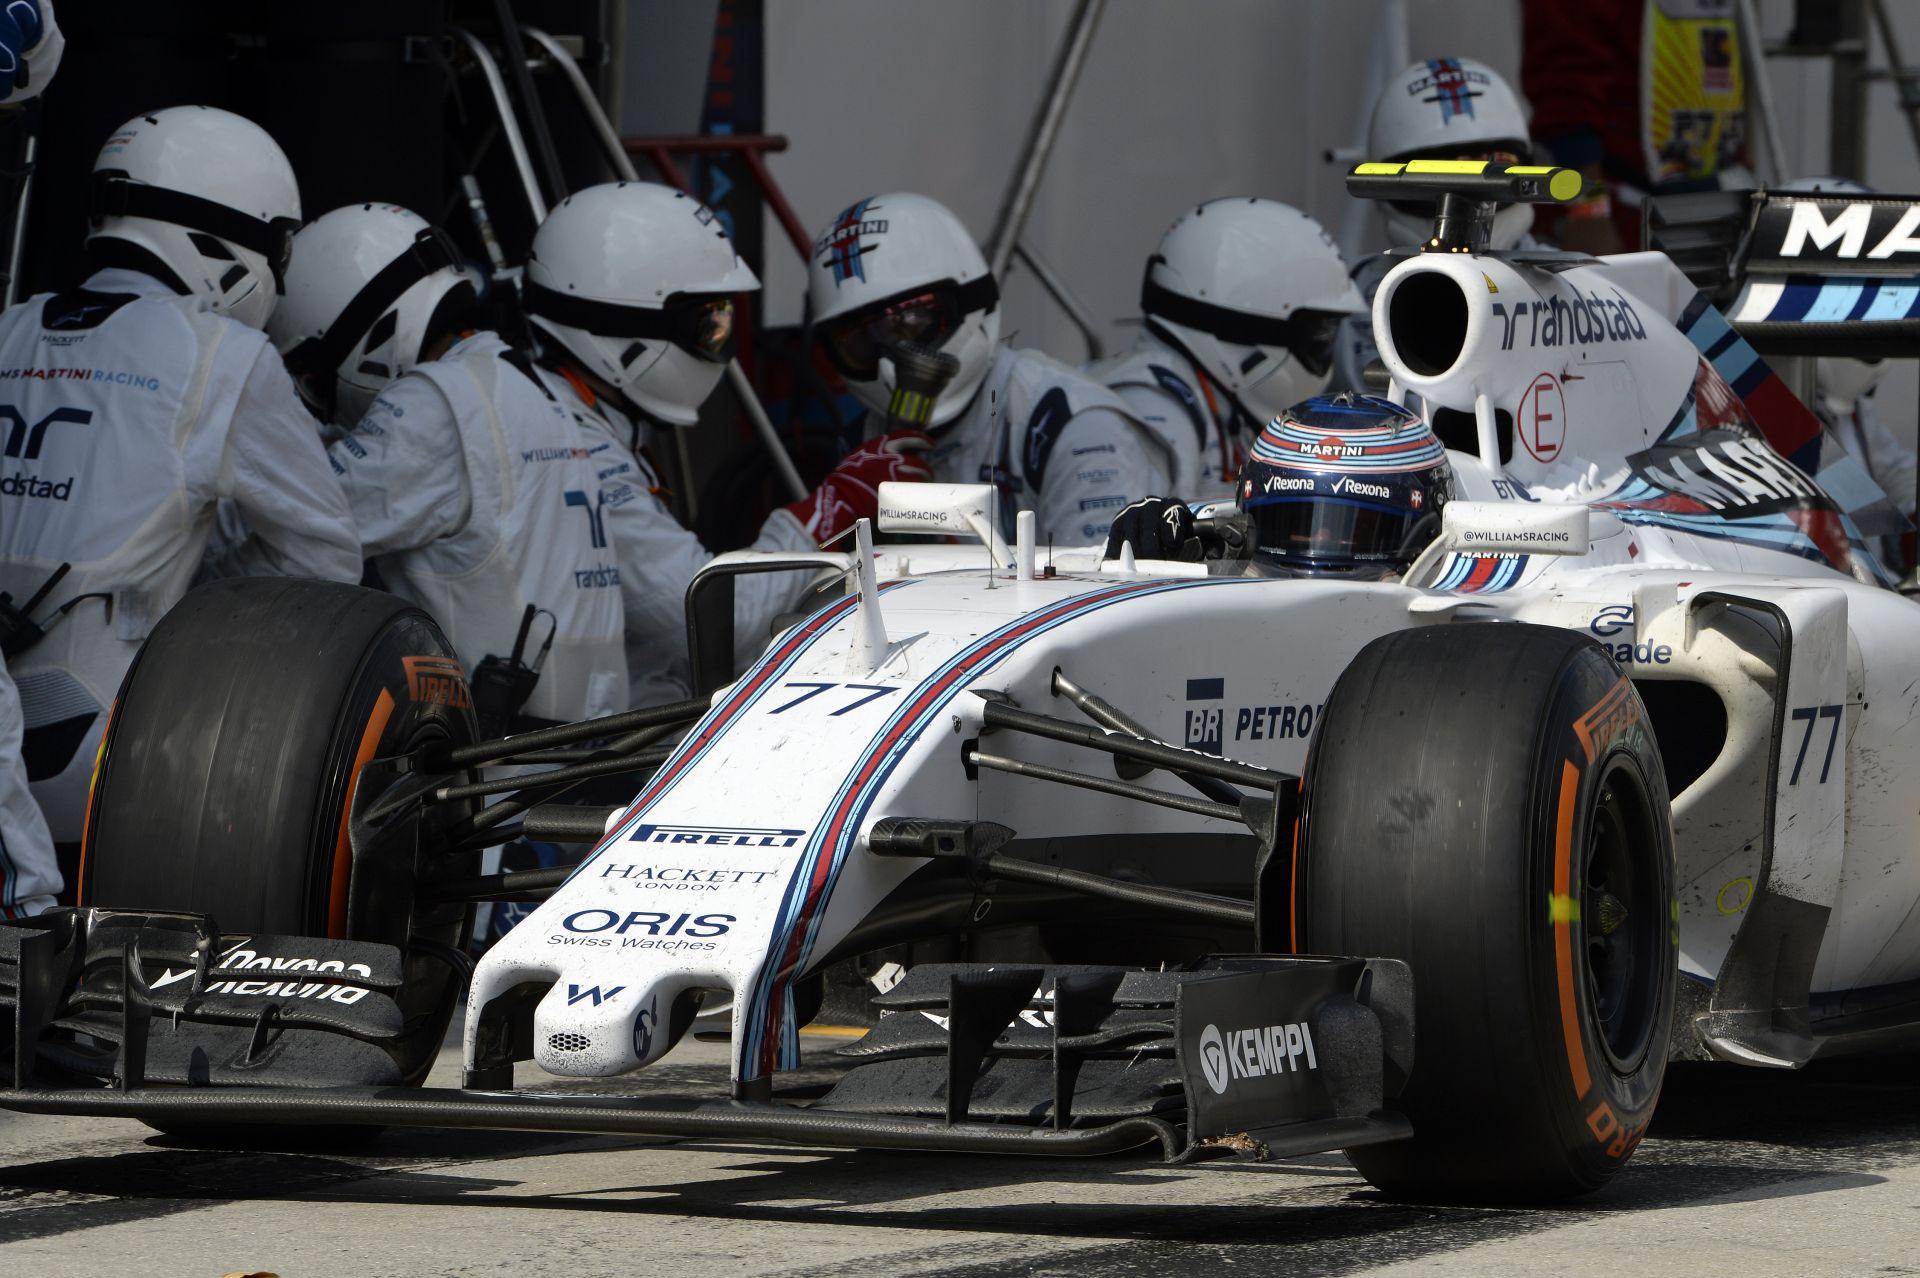 Könnyen visszaeshet a Williams, ha nem reagál: A Ferrari biztosan előttük van